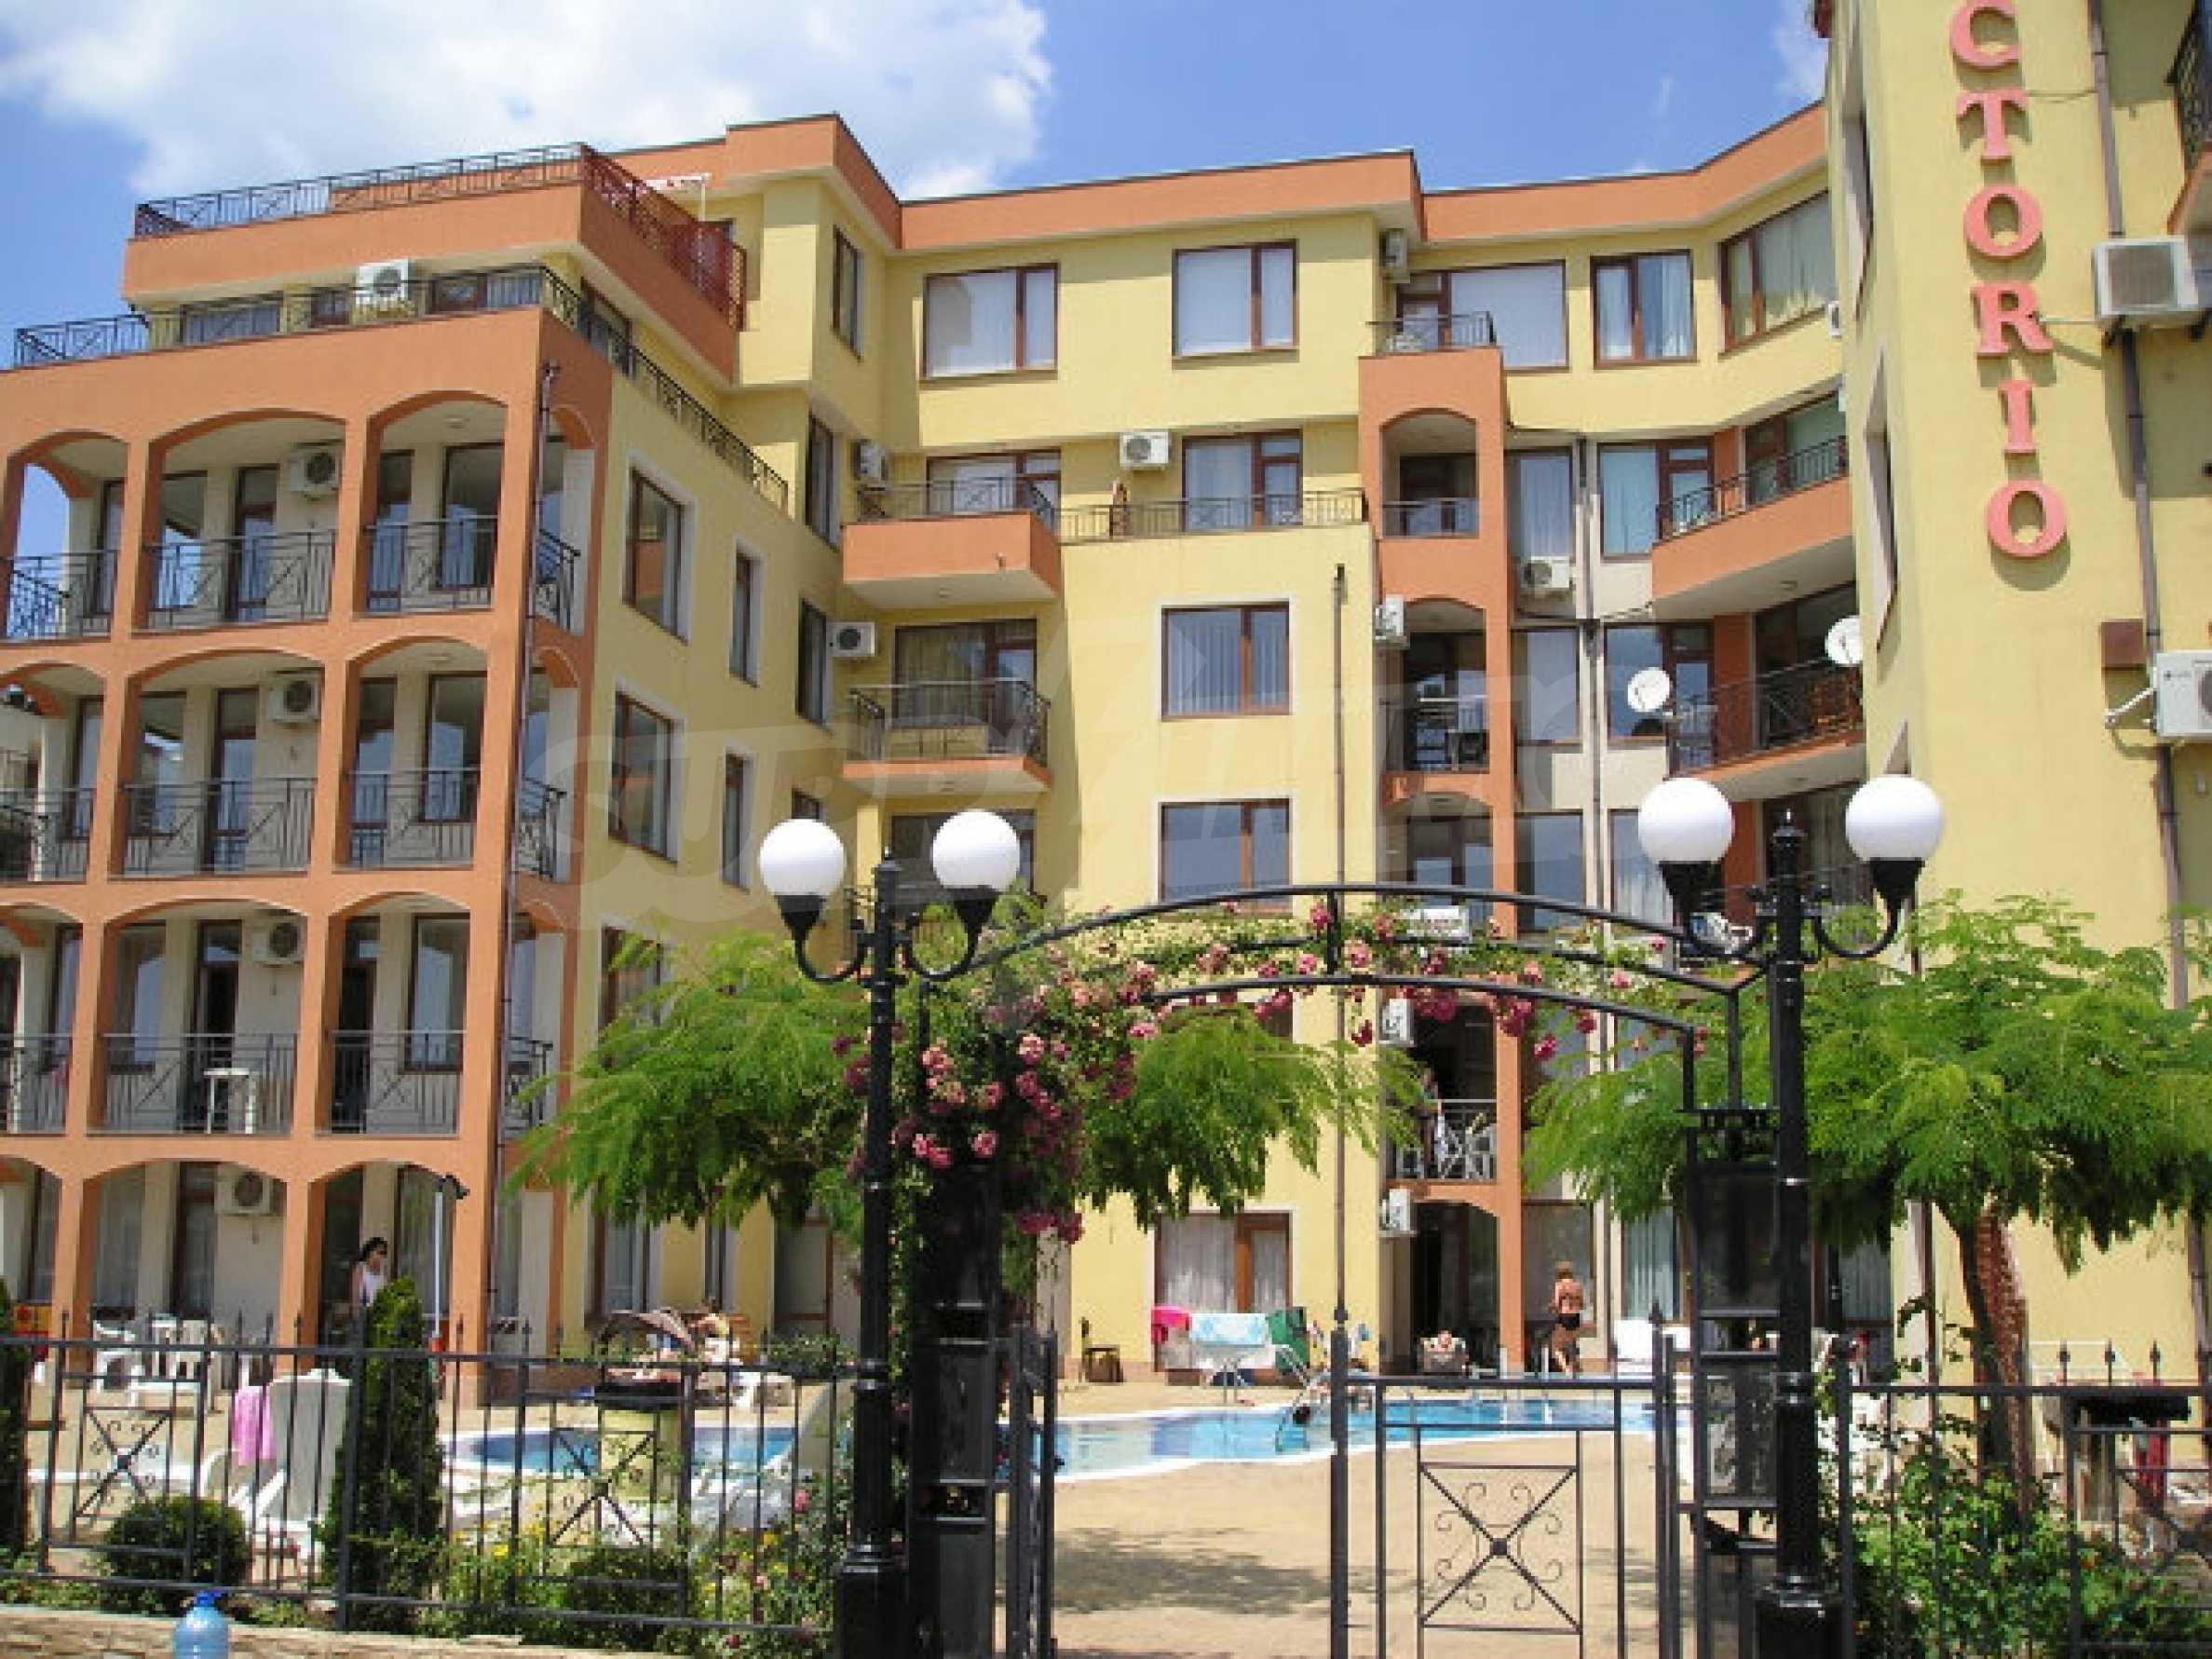 Ein-Zimmer-Wohnung zum Verkauf in Victor Komplex in Saint Vlas 3